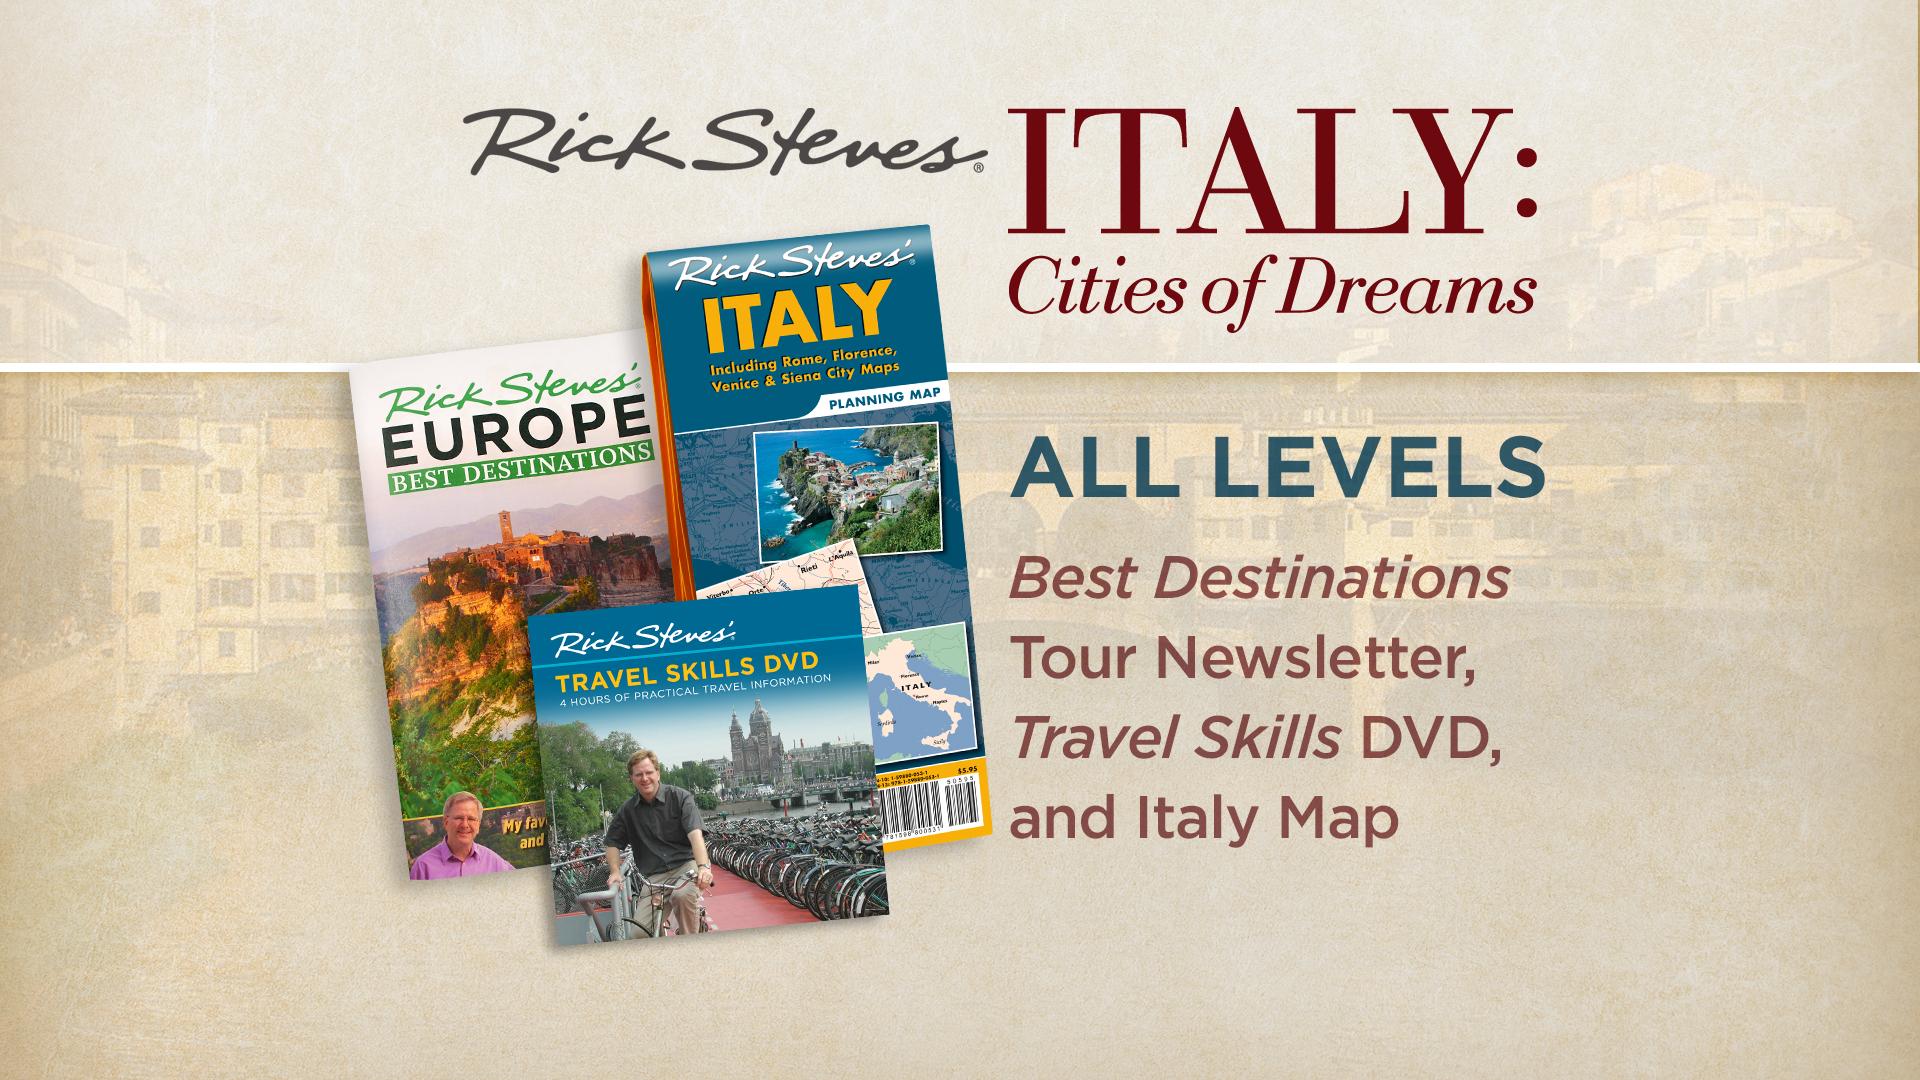 Cities of Dreams 4.jpg